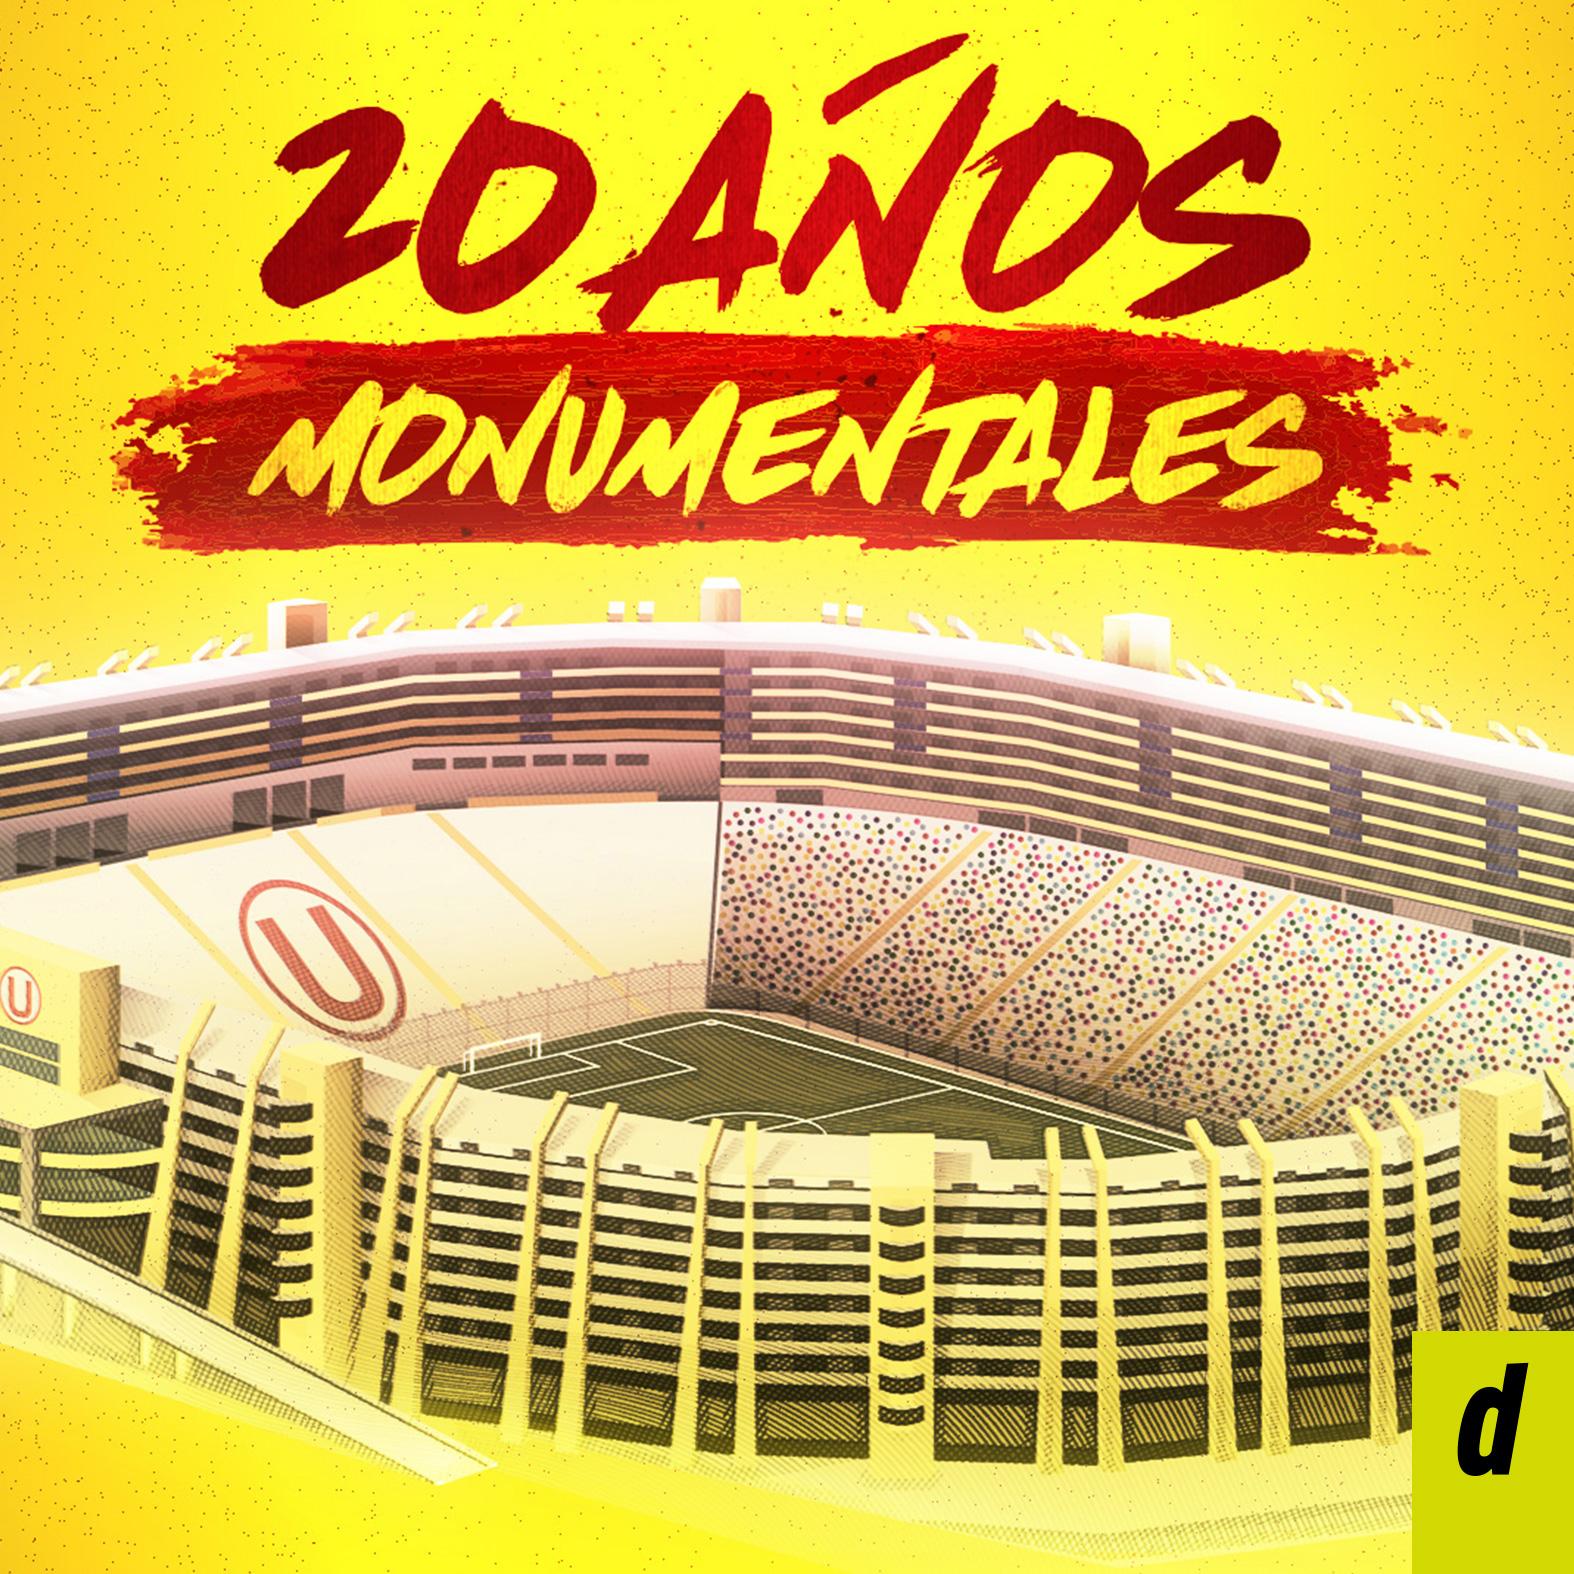 Los 20 años del estadio monumental